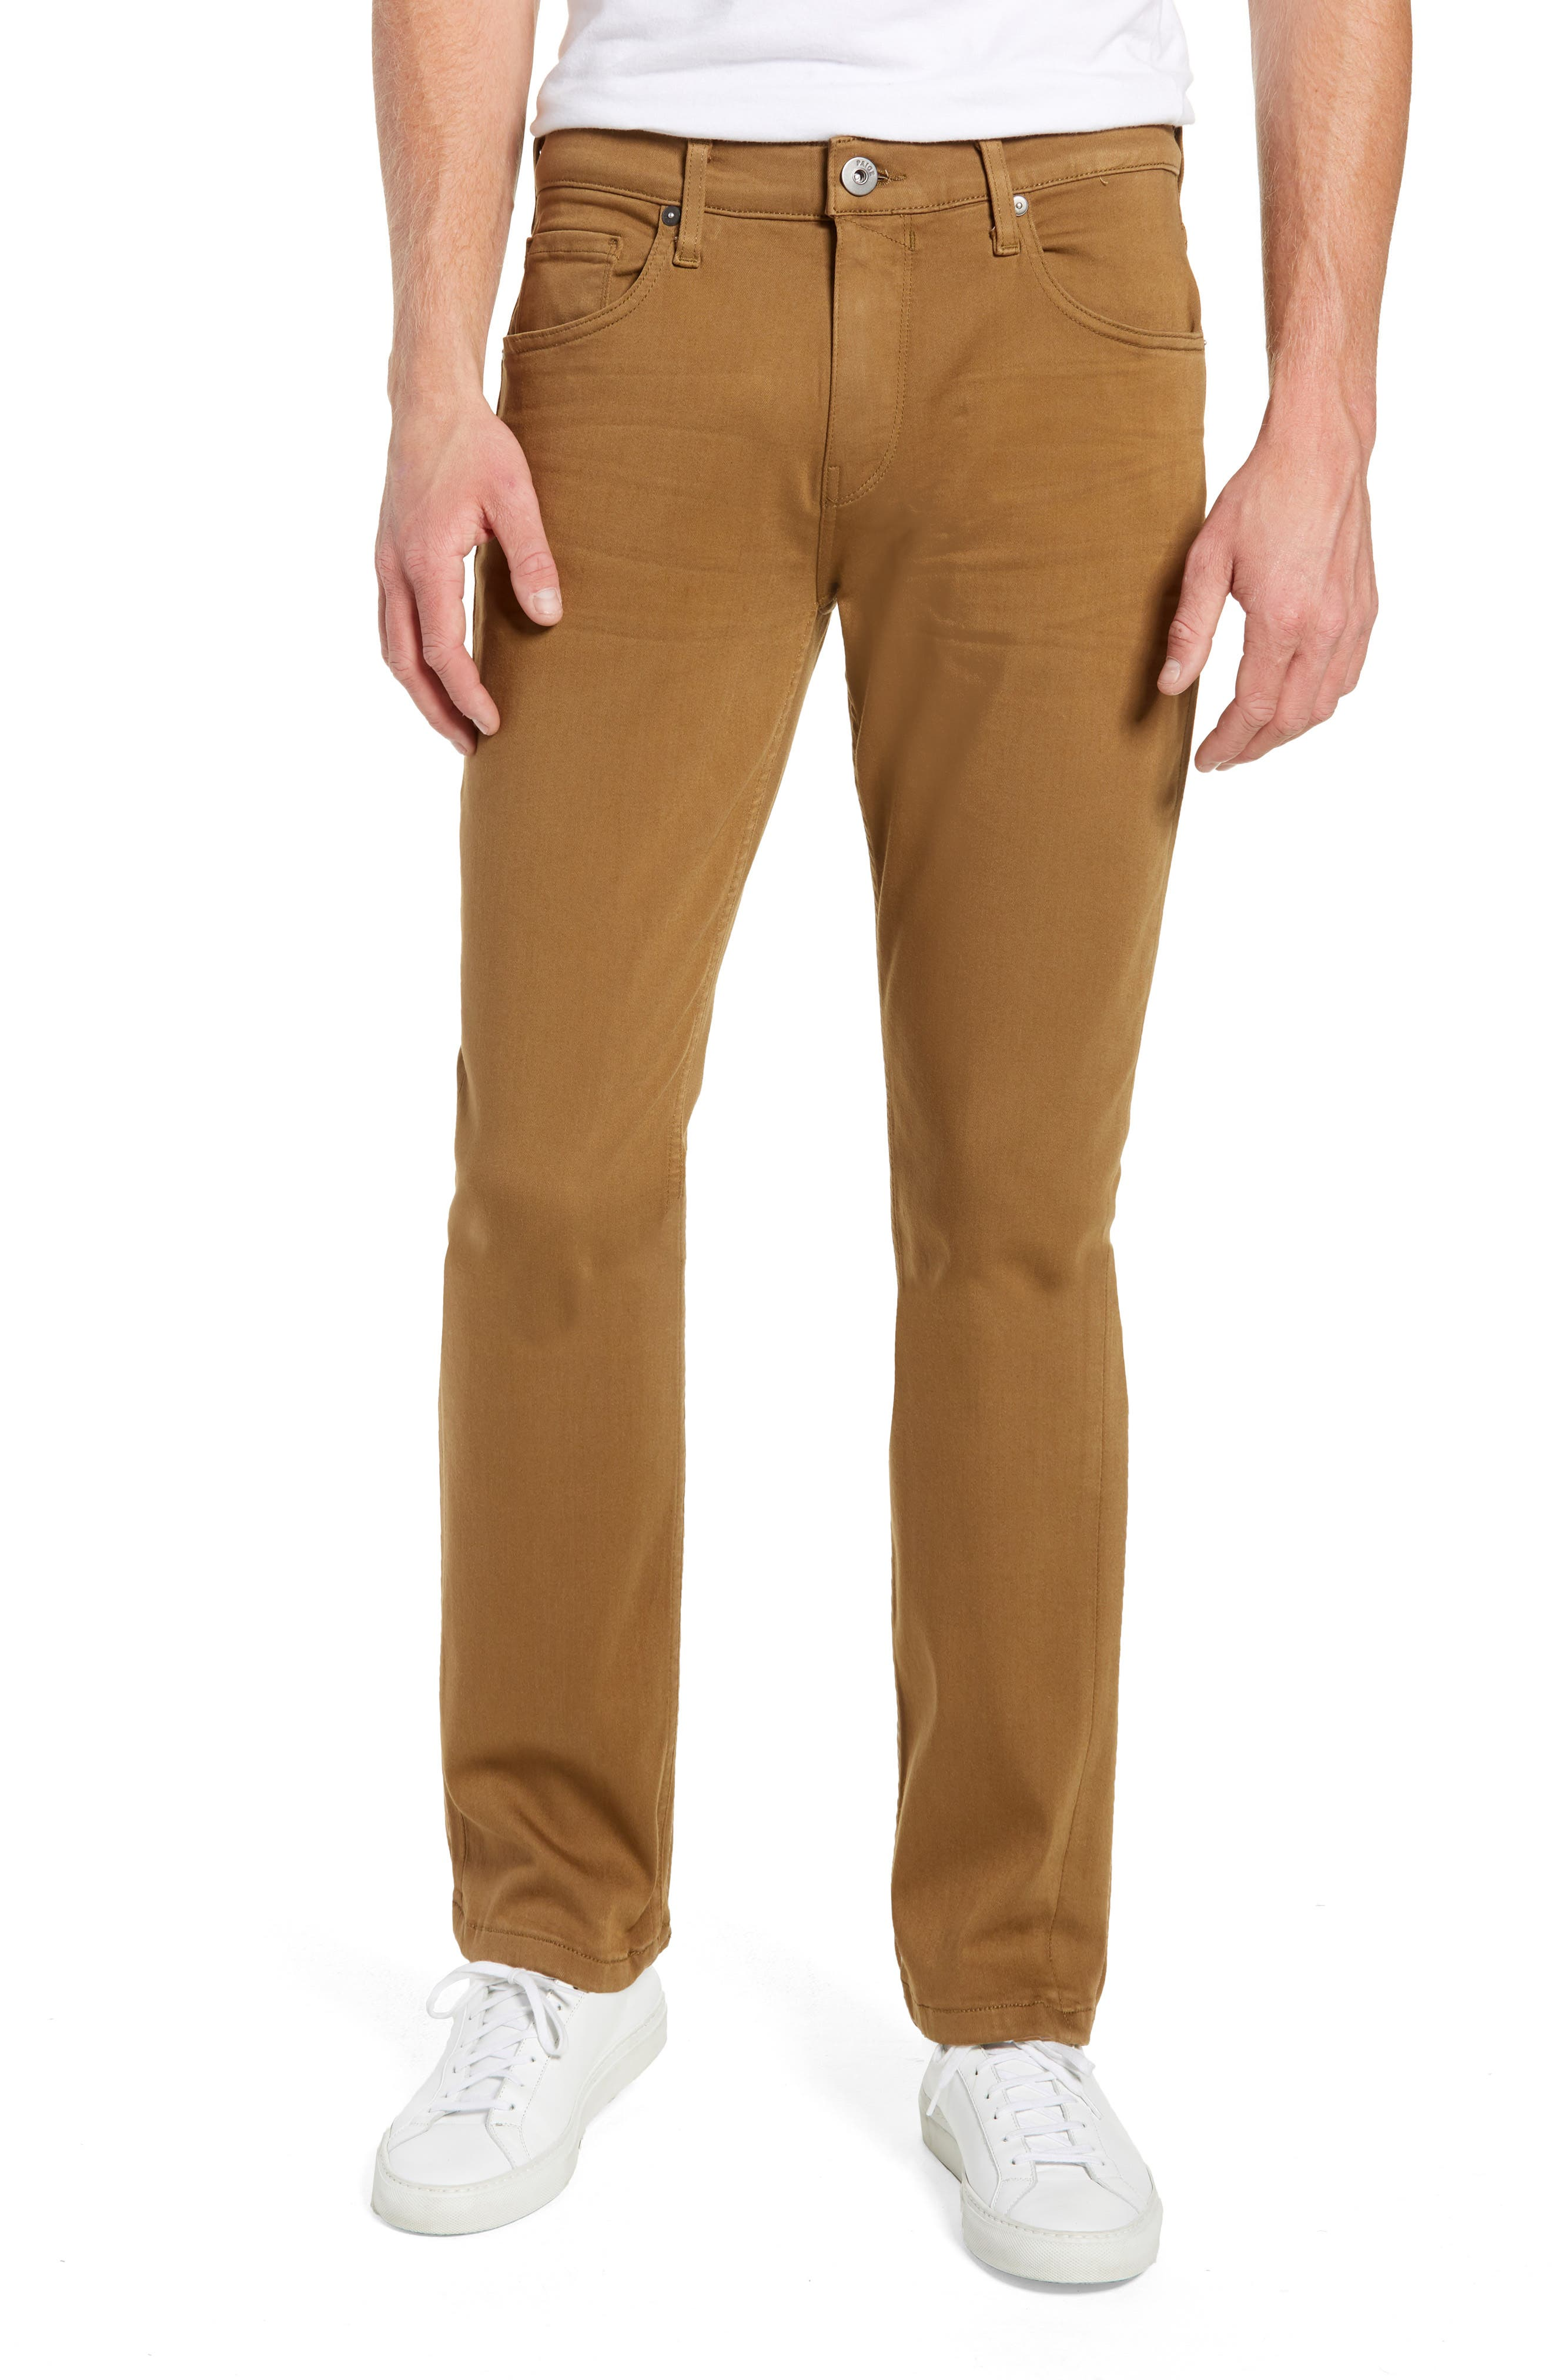 Transcend - Lennox Slim Fit Jeans,                             Main thumbnail 1, color,                             LAUREL TAN